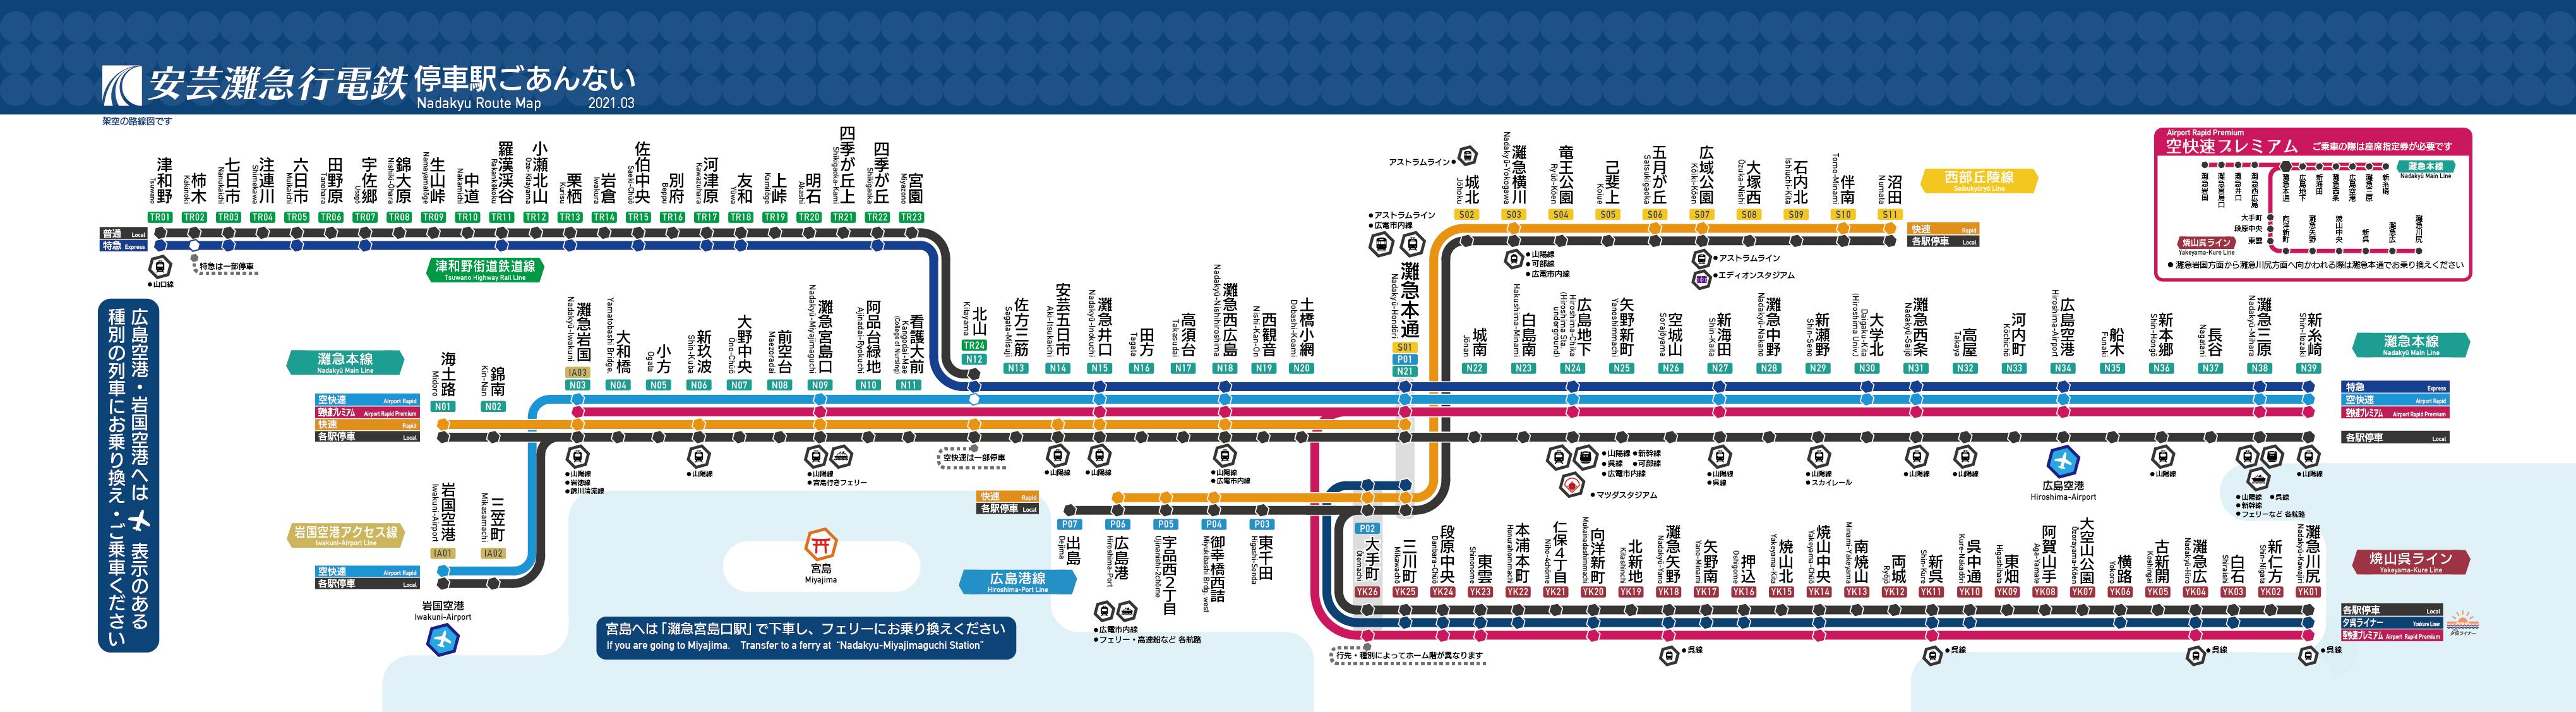 安芸灘急行電鉄路線図_2021年3月